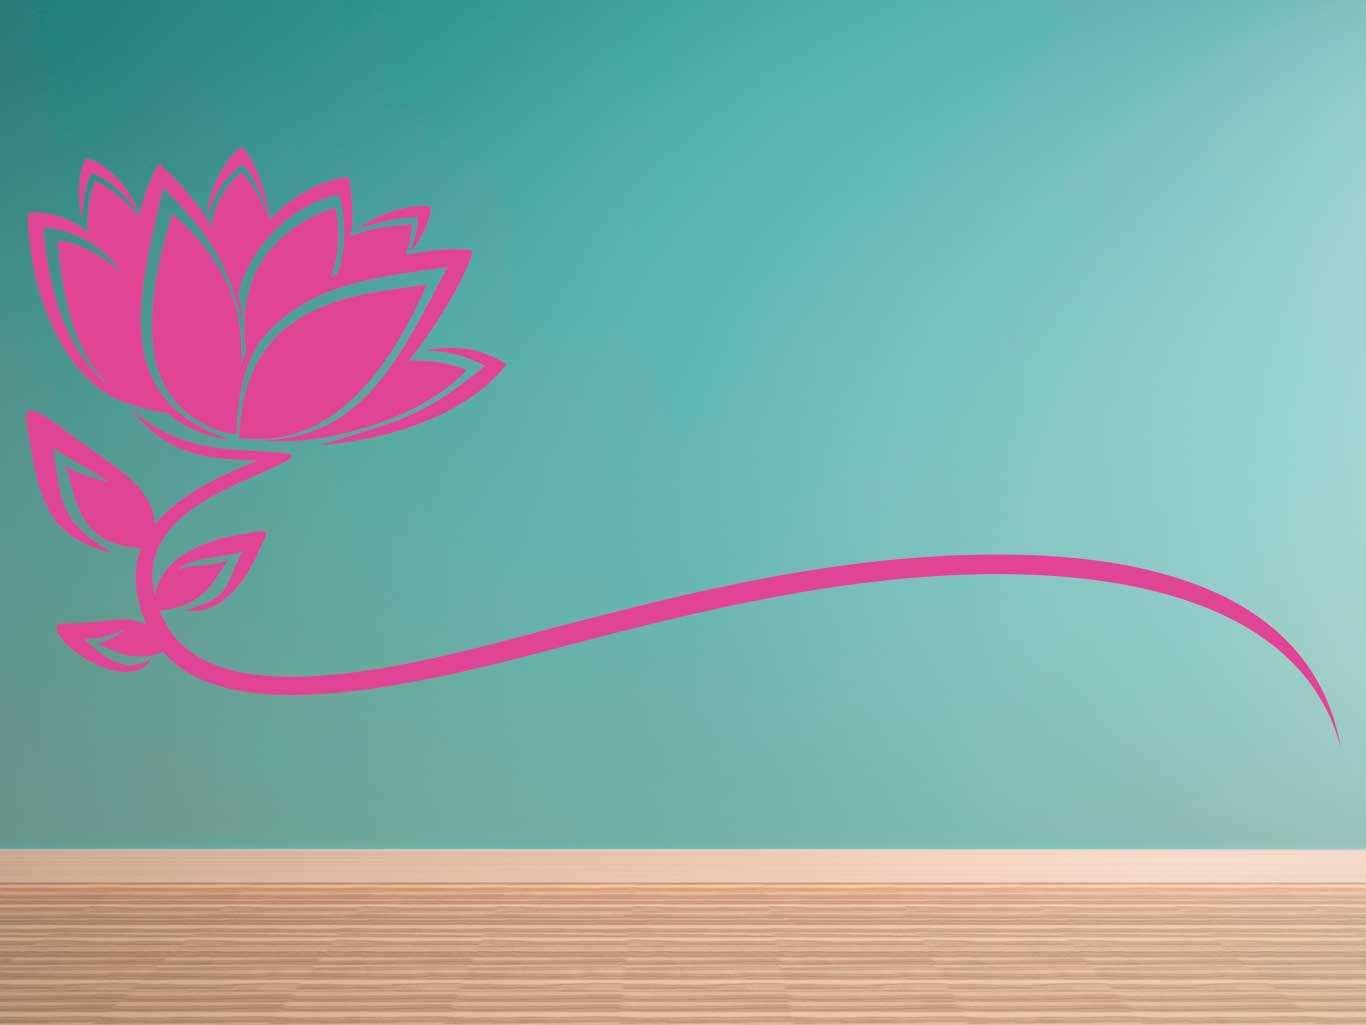 Vinilo decorativo flor rosa | Carteles XXL - Impresión carteleria publicitaria